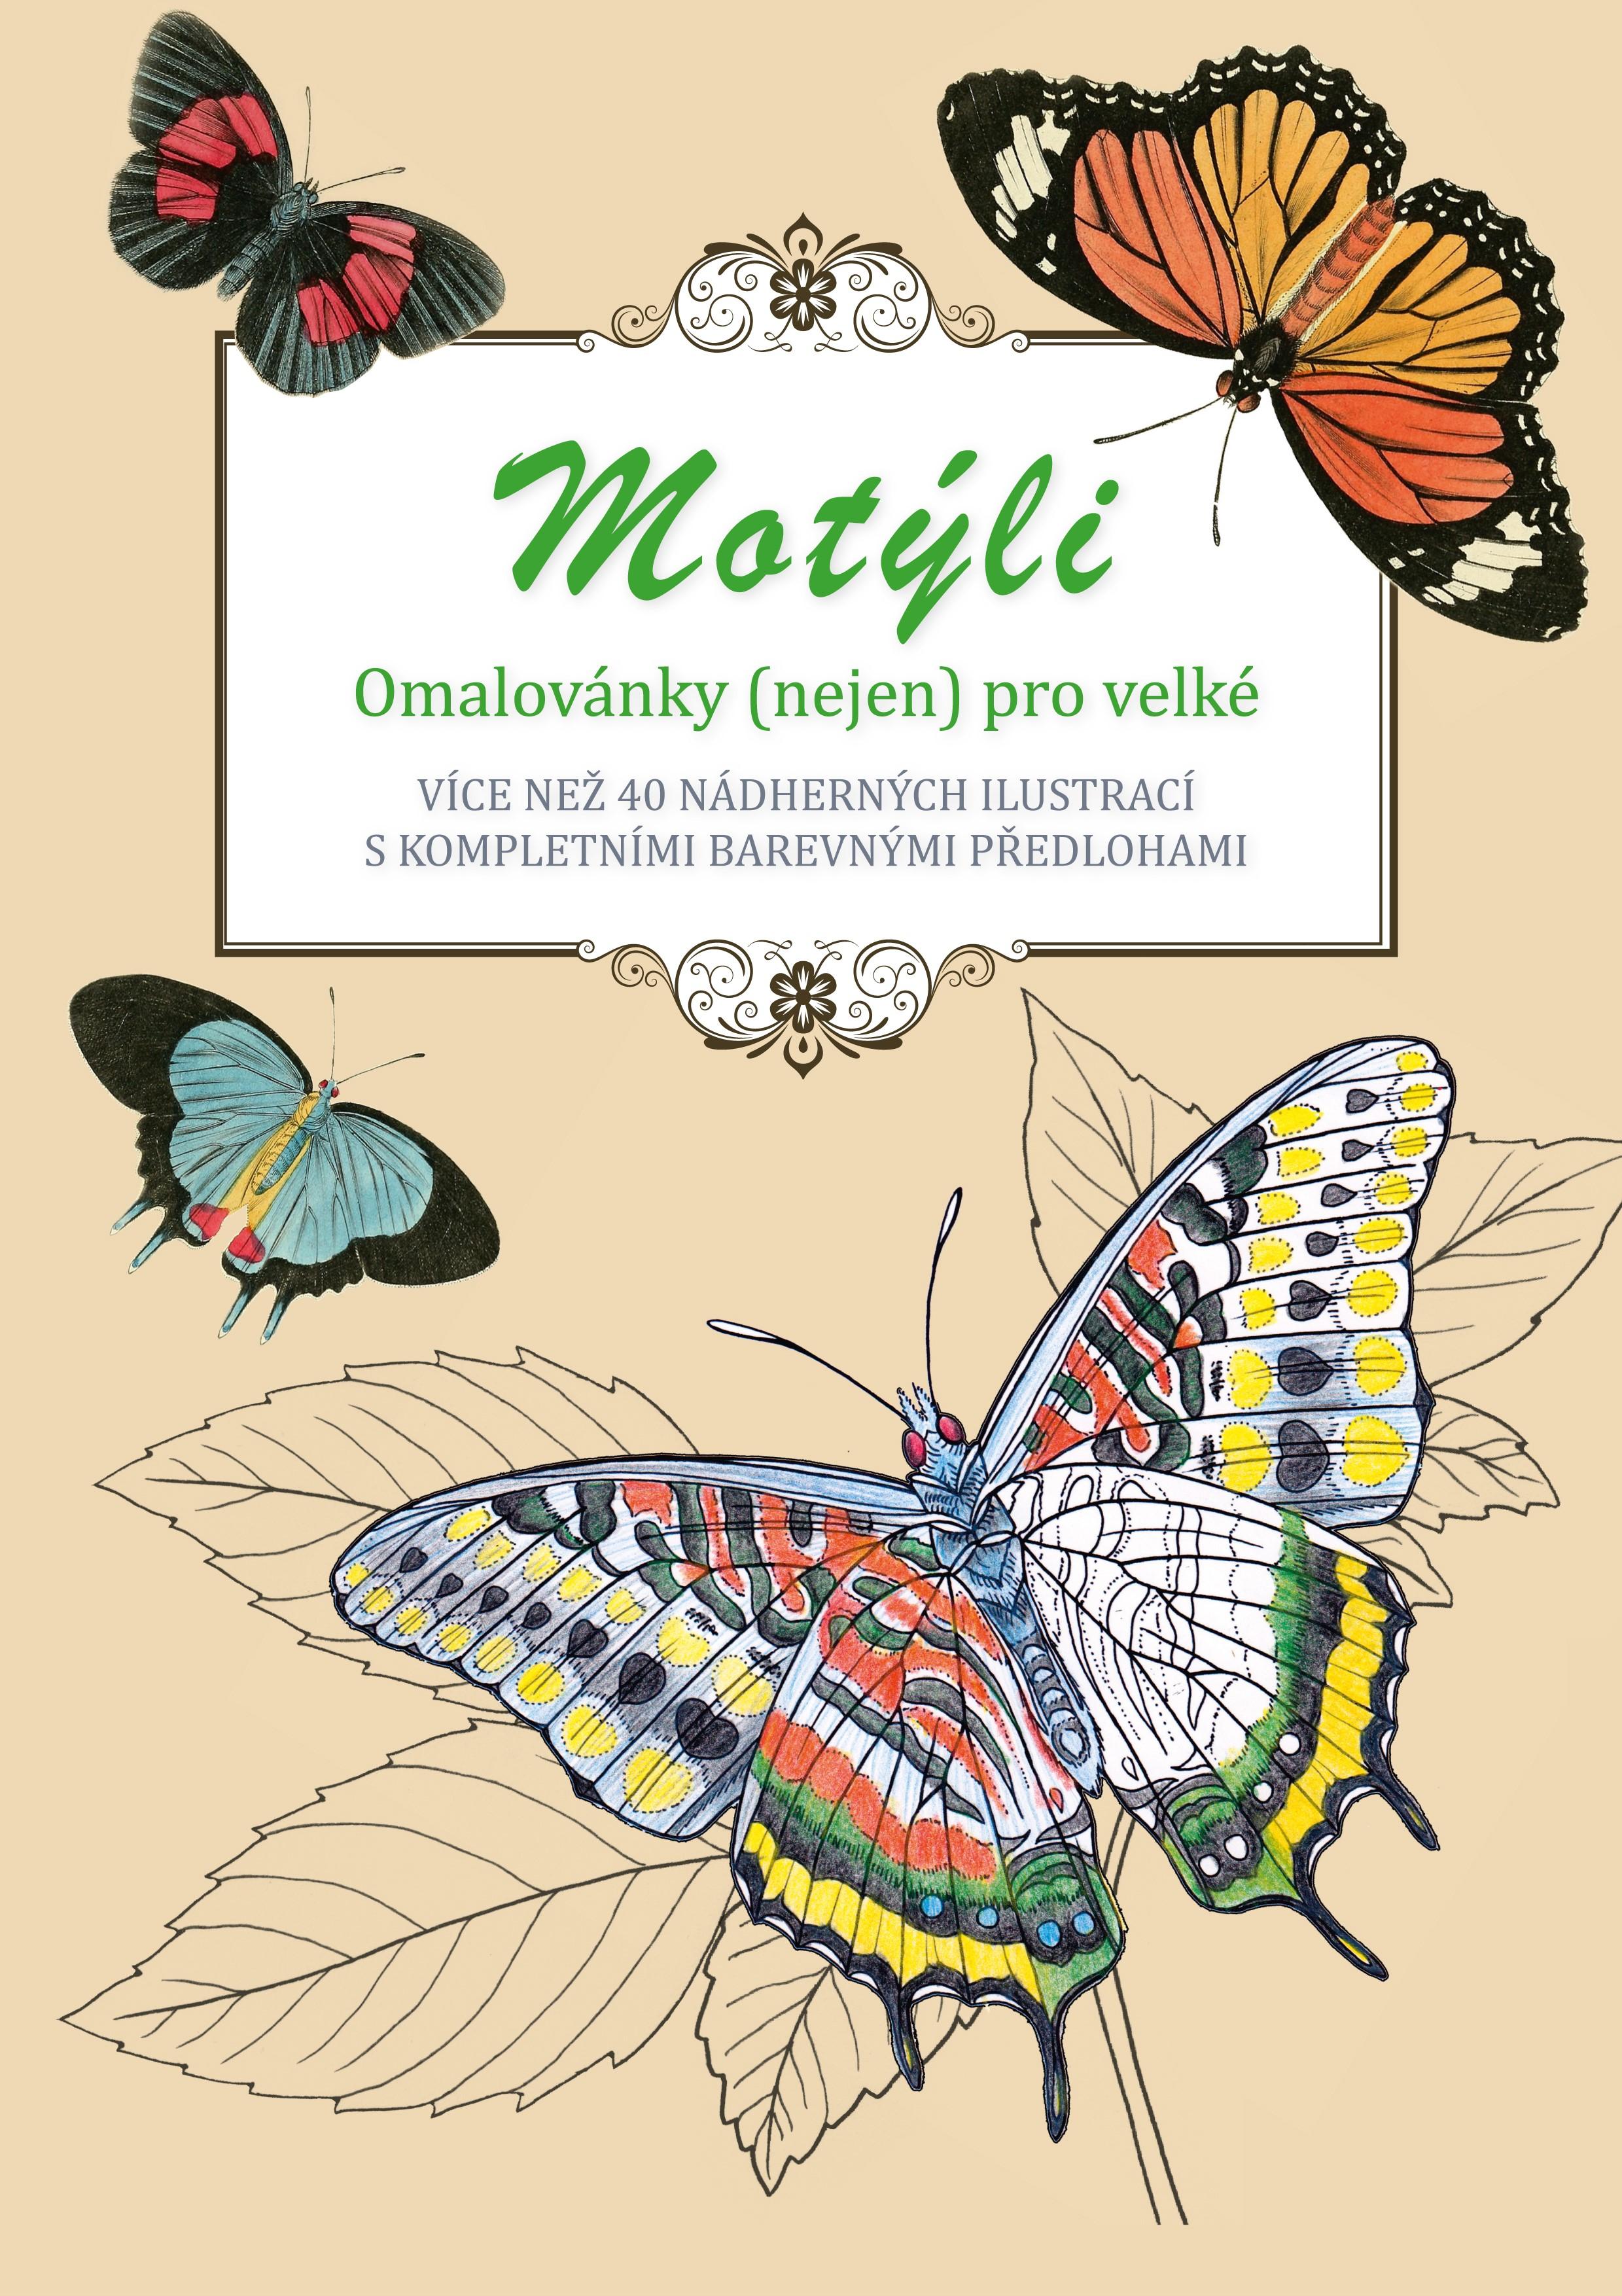 Motýli - omalovánky (nejen) pro velké